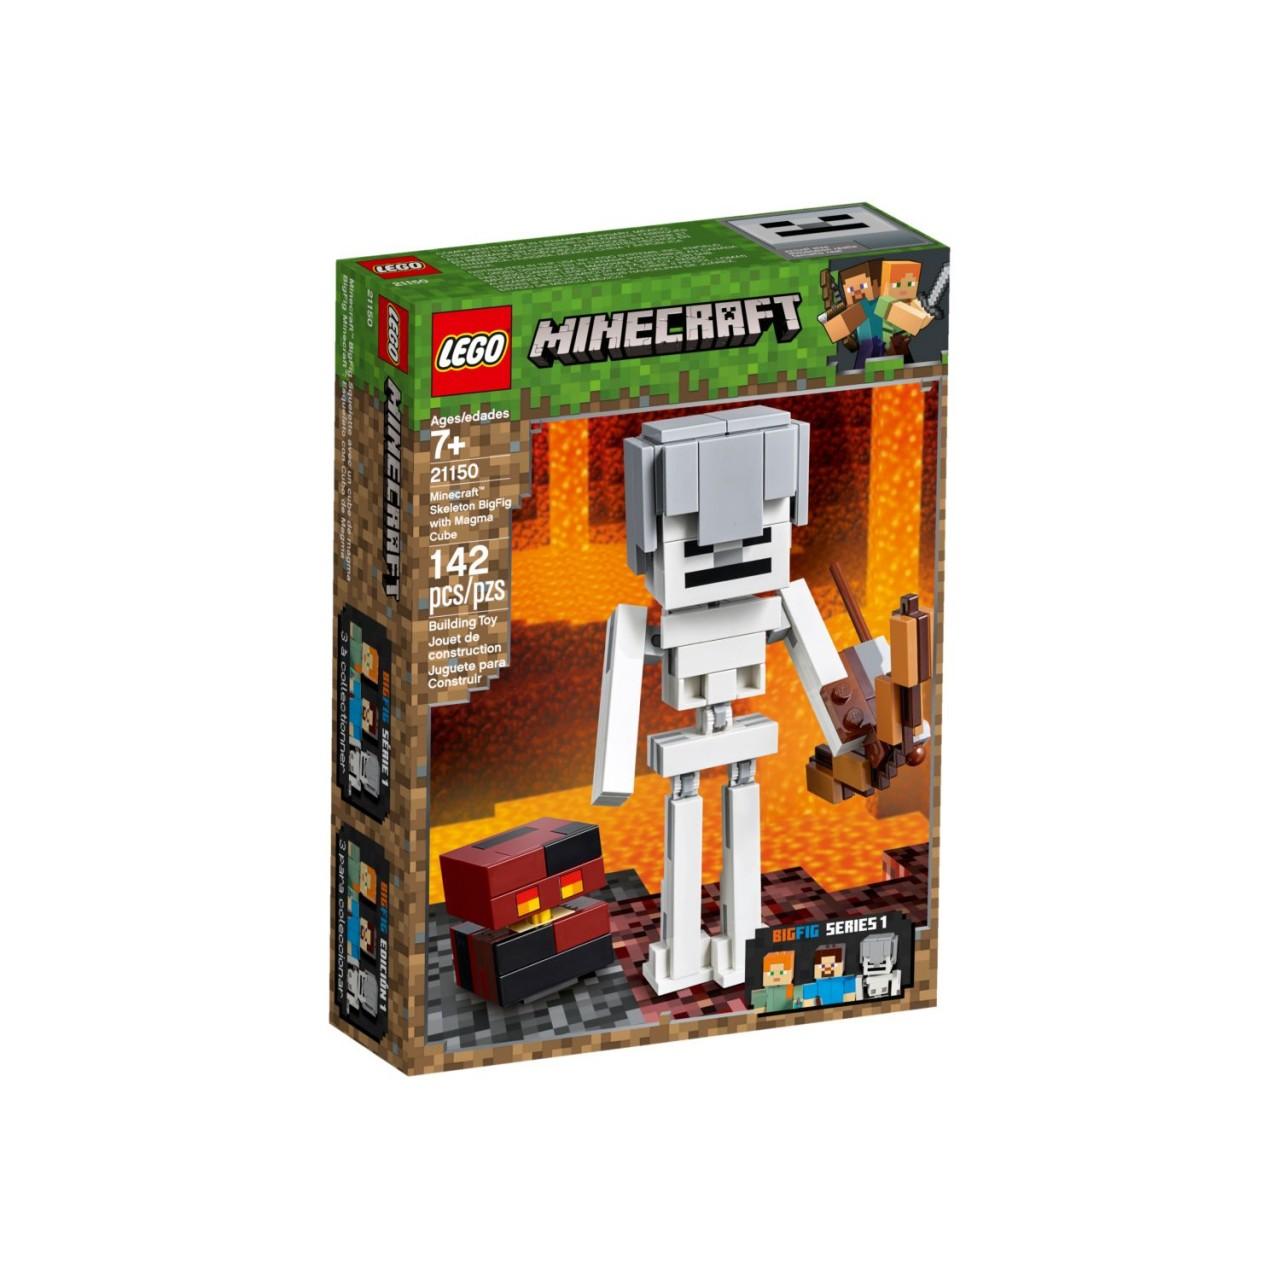 LEGO MINECRAFT 21150 Minecraft-BigFig Skelett mit Magmawürfel